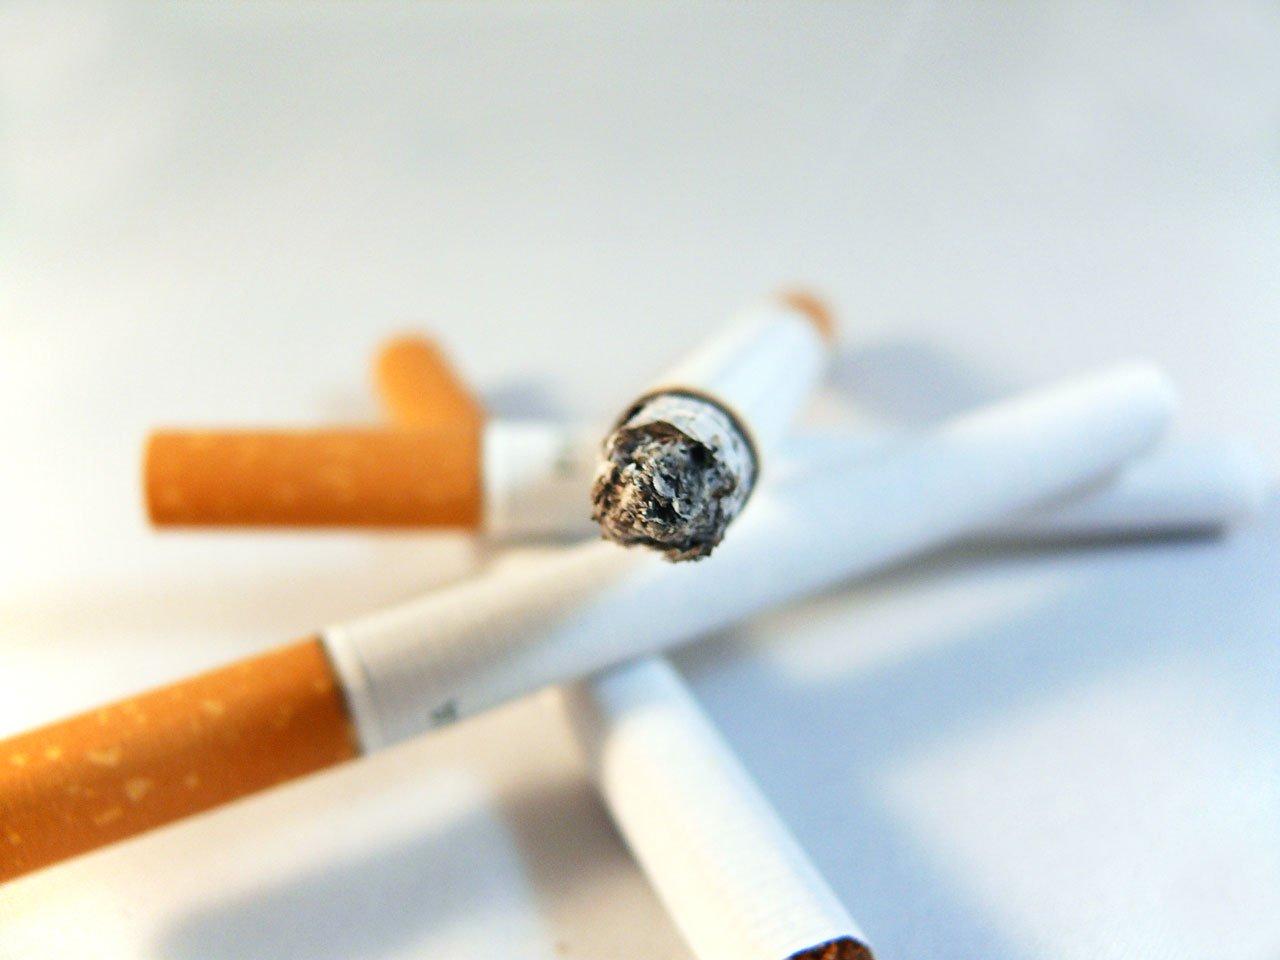 покупкой картинки брось сигарету что этом варианте